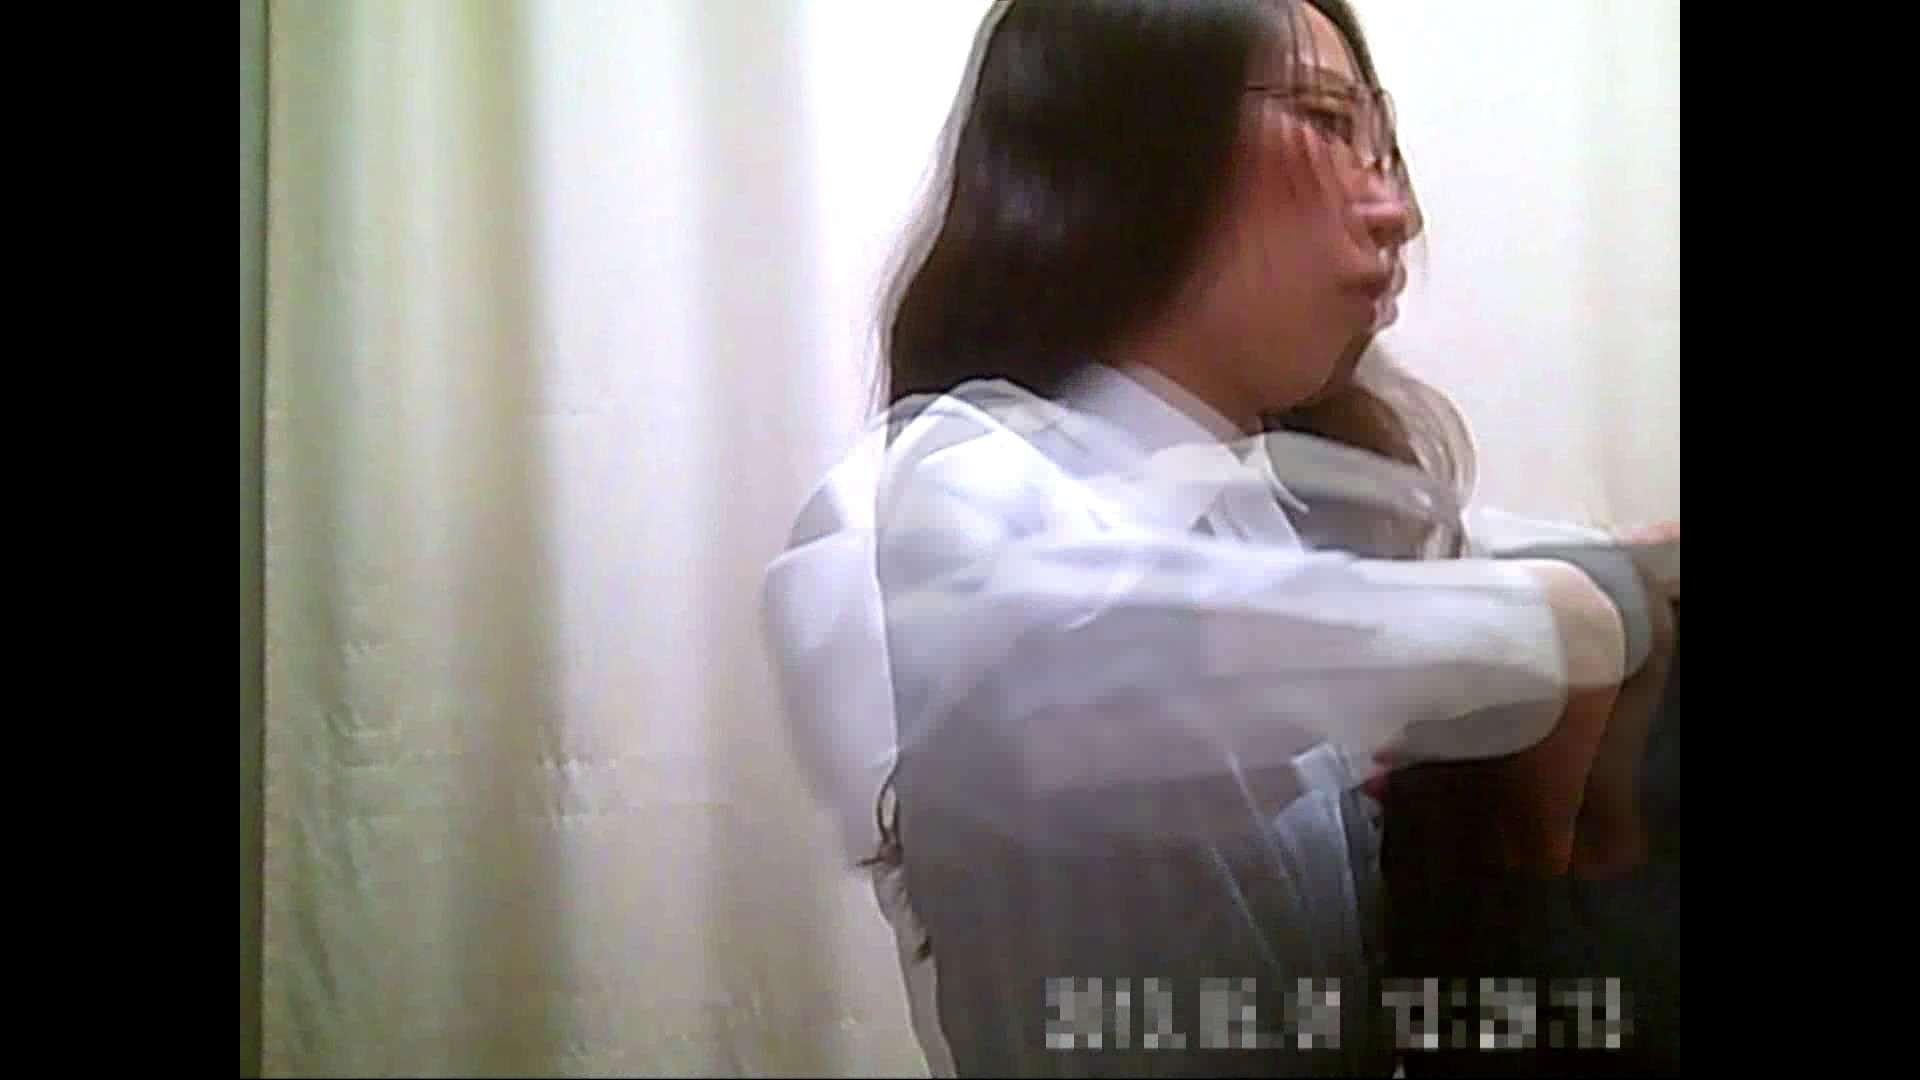 病院おもいっきり着替え! vol.206 乳首 ワレメ動画紹介 107pic 89